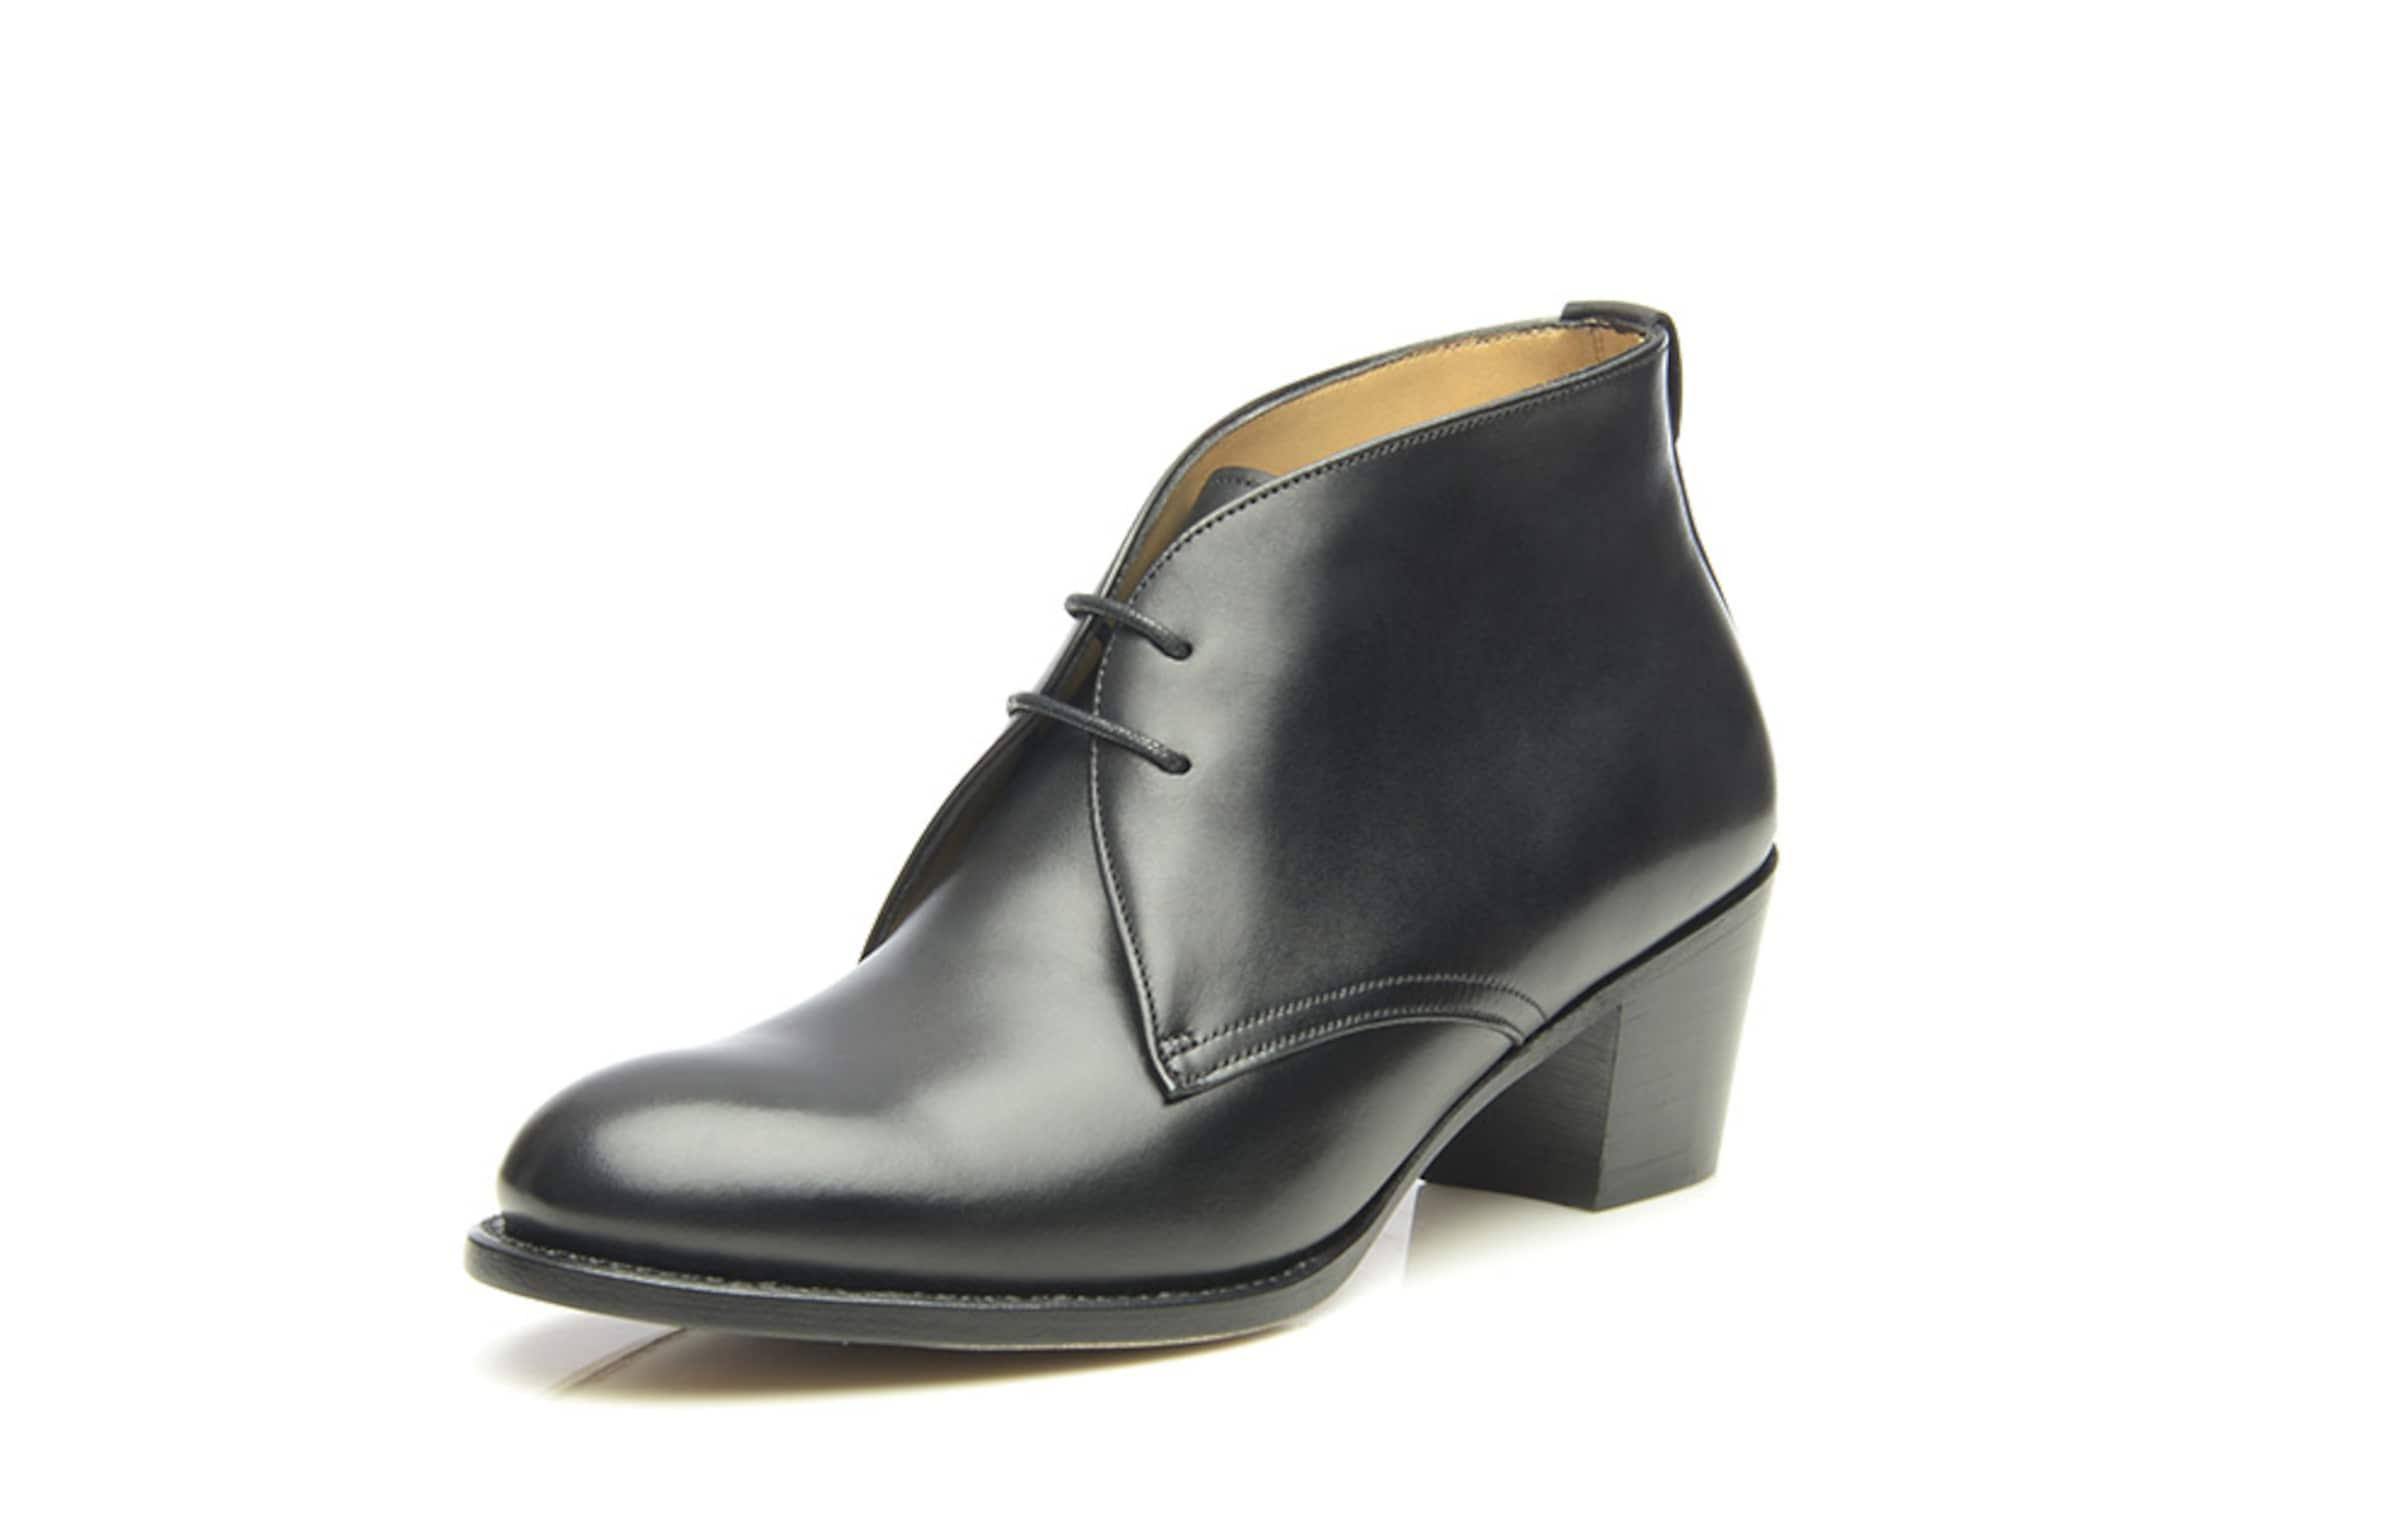 SHOEPASSION Stiefeletten No. 208 Verschleißfeste billige Schuhe